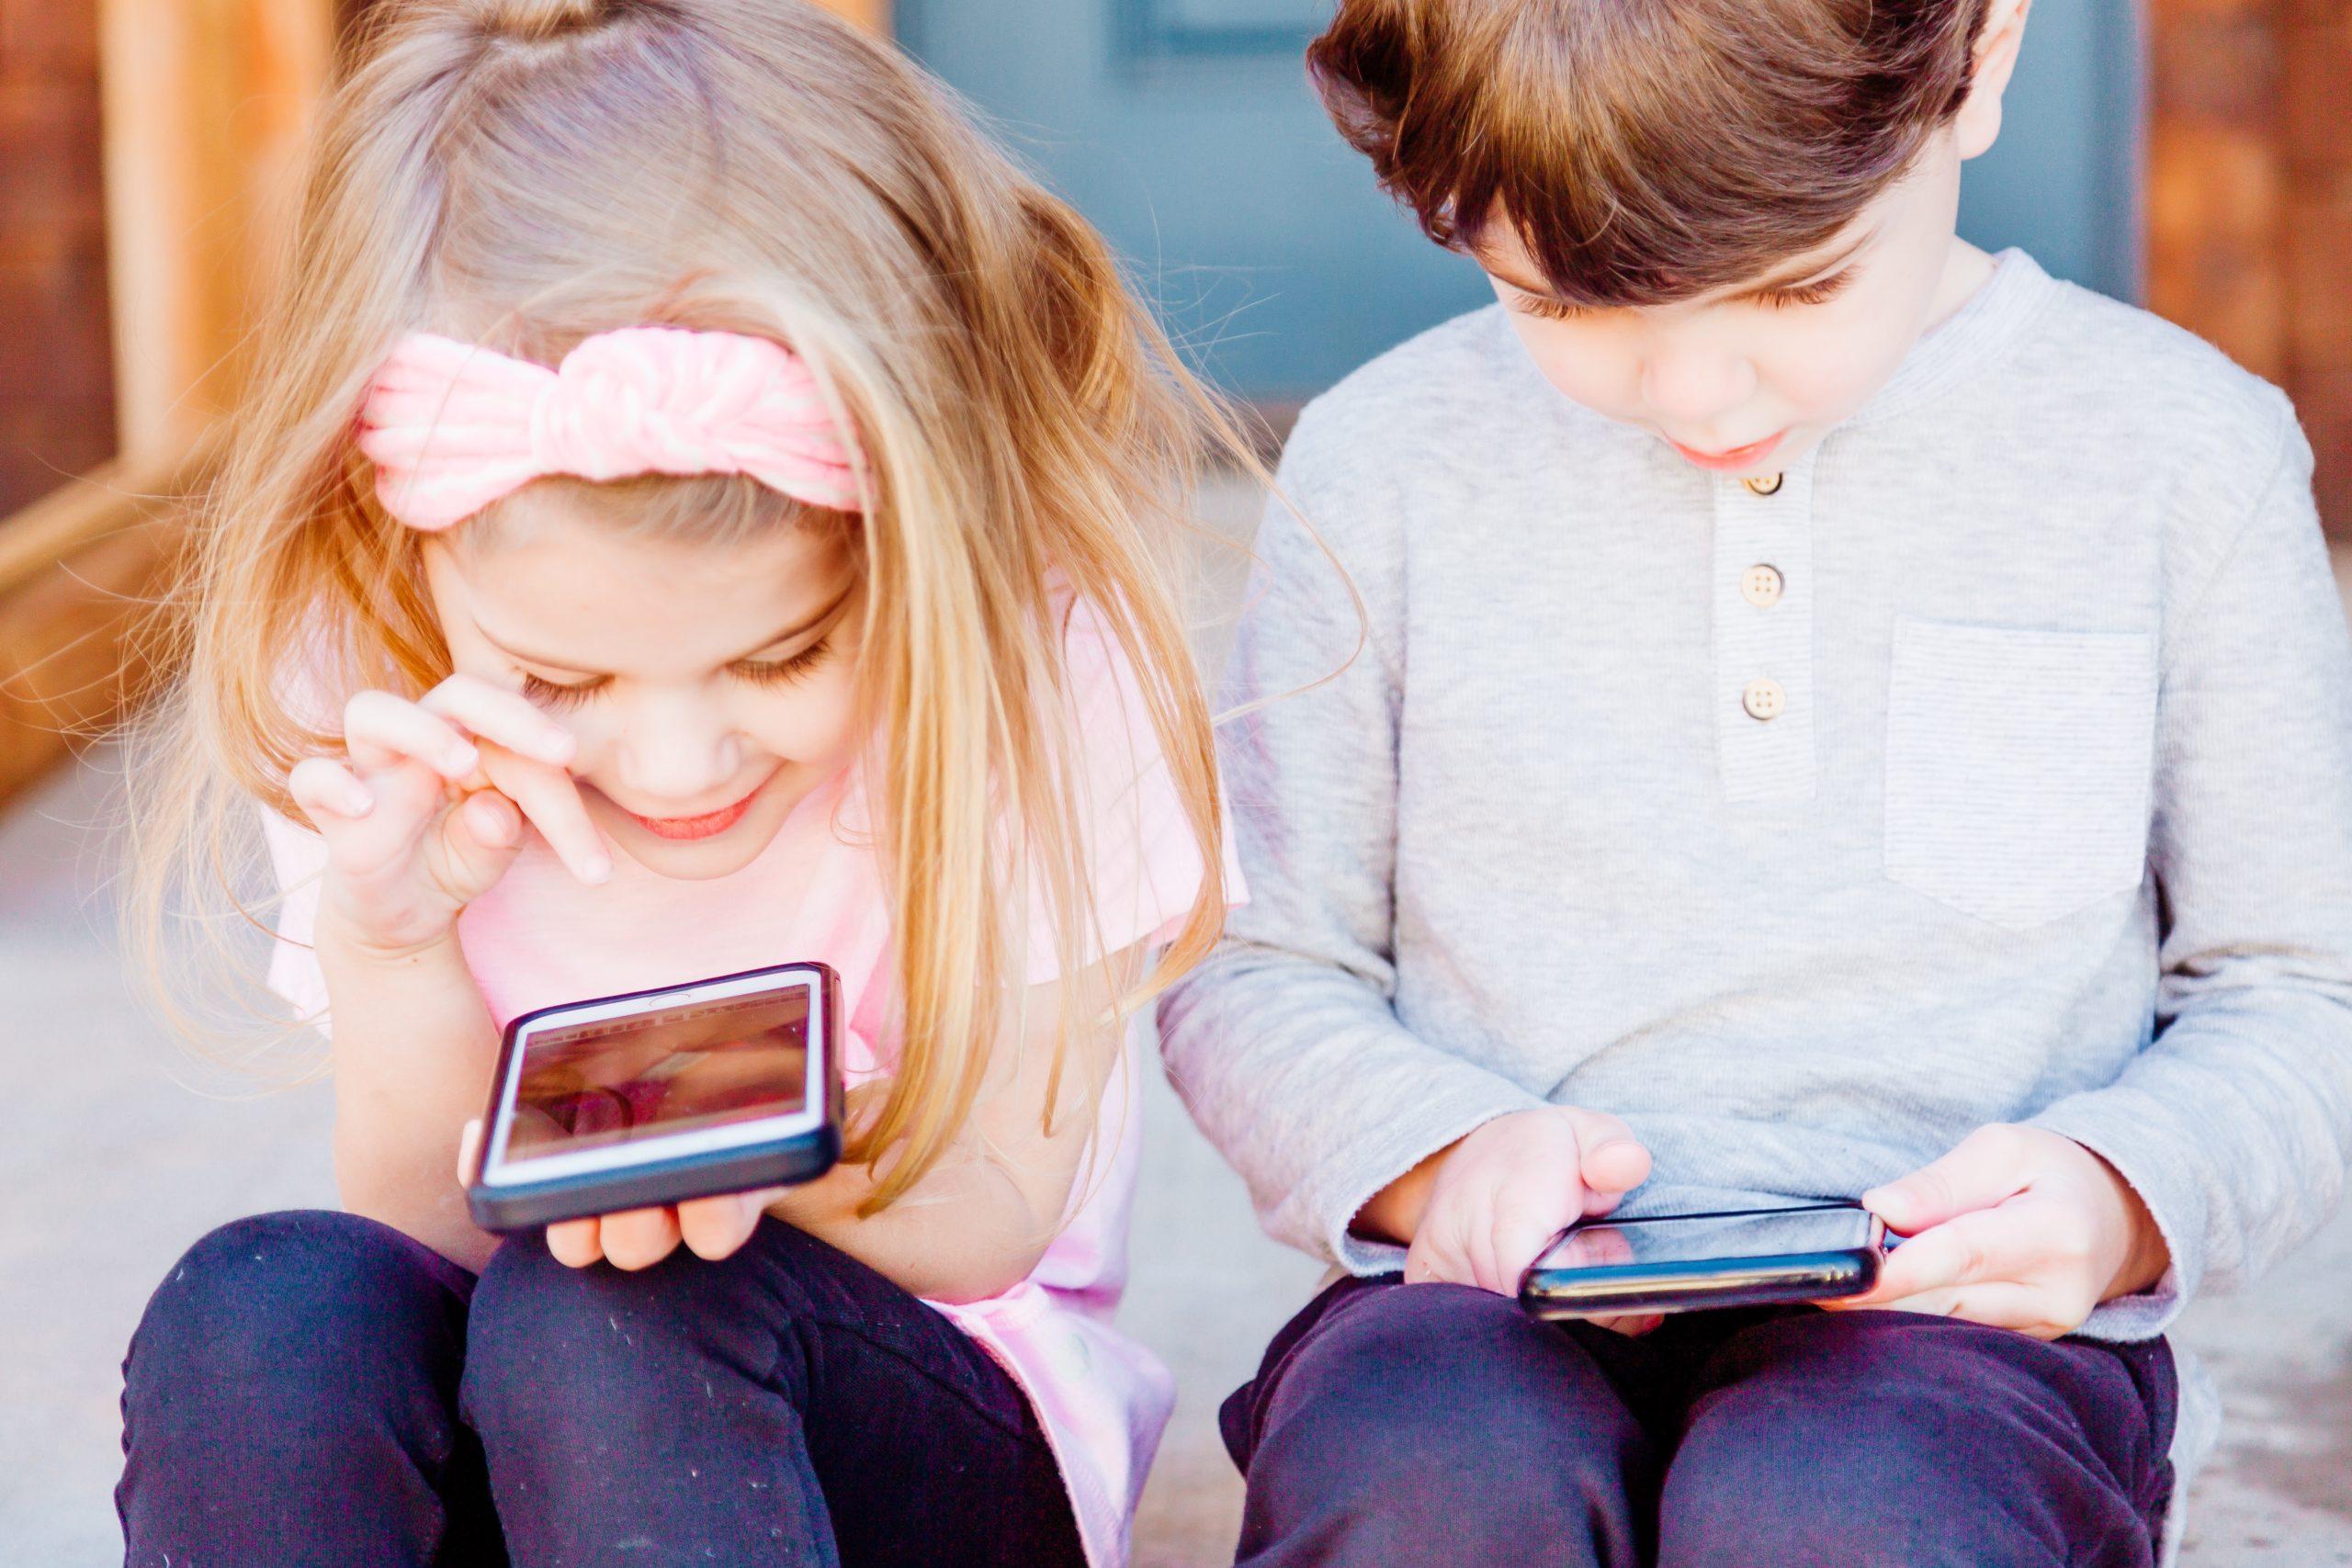 Někteří rodiče i odborníci se obávají dopadu online prostředí na schopnost běžně komunikovat a navazovat vztahy. David Šmahel z Masarykovy univerzity v Brně považuje za naprosto logické, že během lockdownu děti využívají online platformy k tomu, aby zůstaly v kontaktu s přáteli.